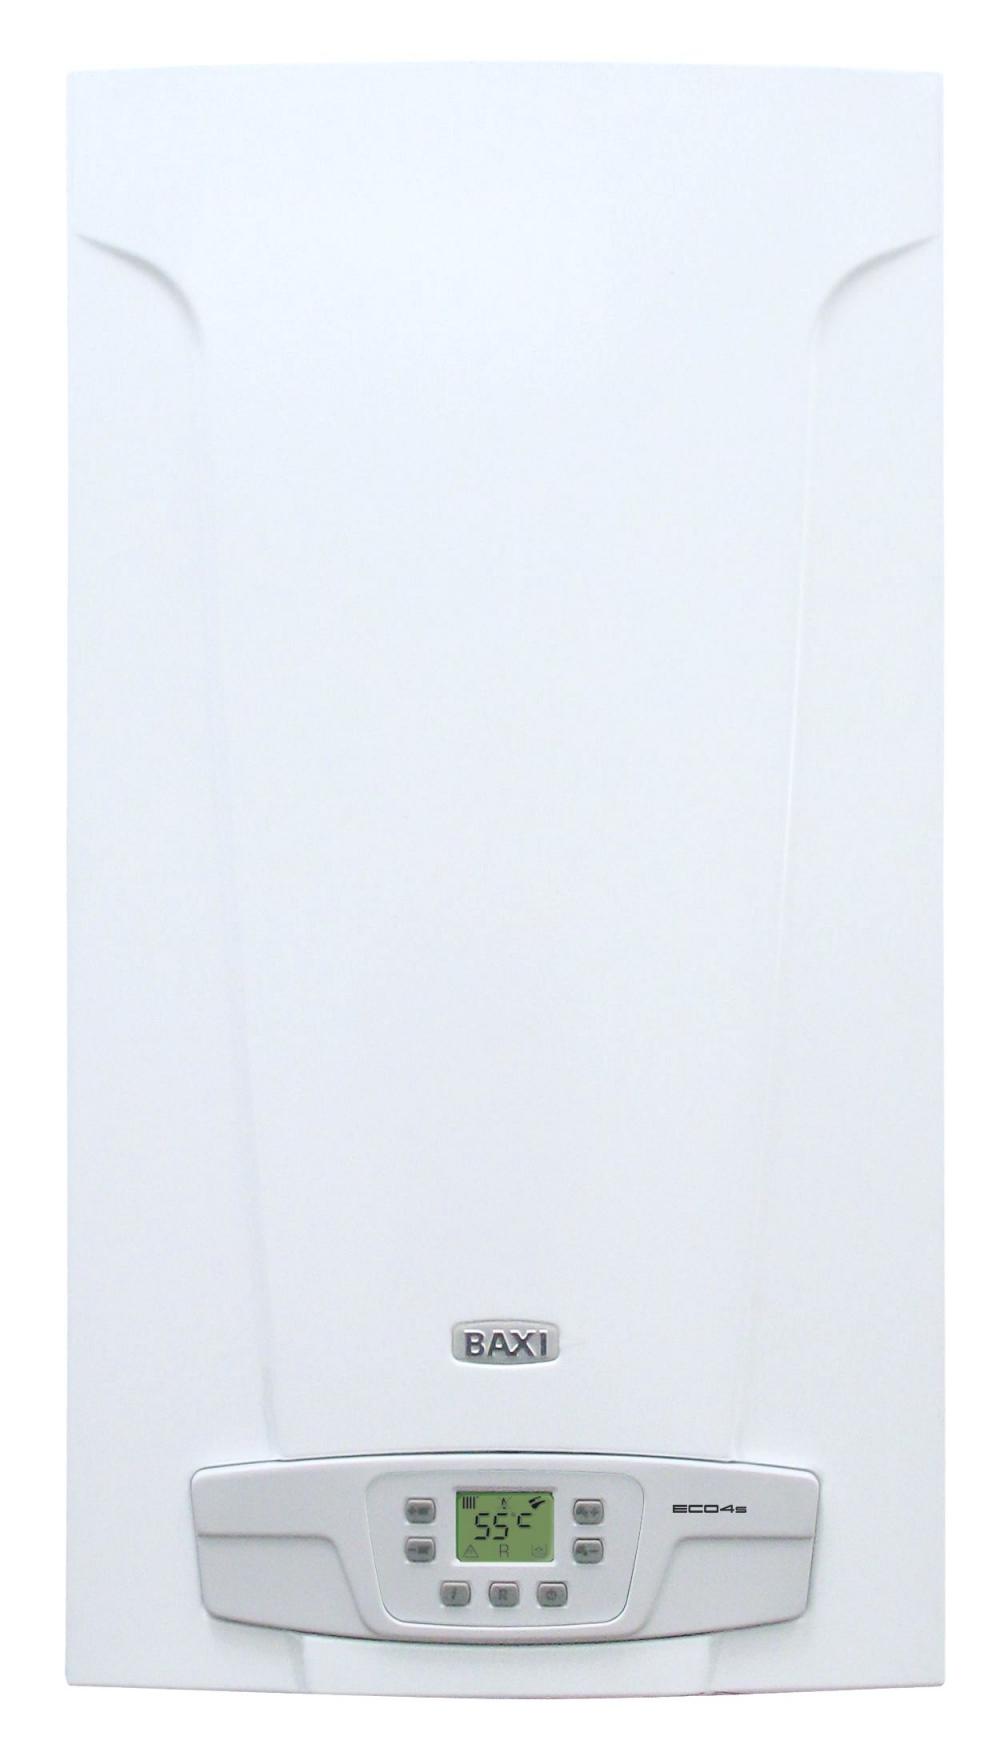 двухконтурный газовый котел бакси 24 квт инструкция